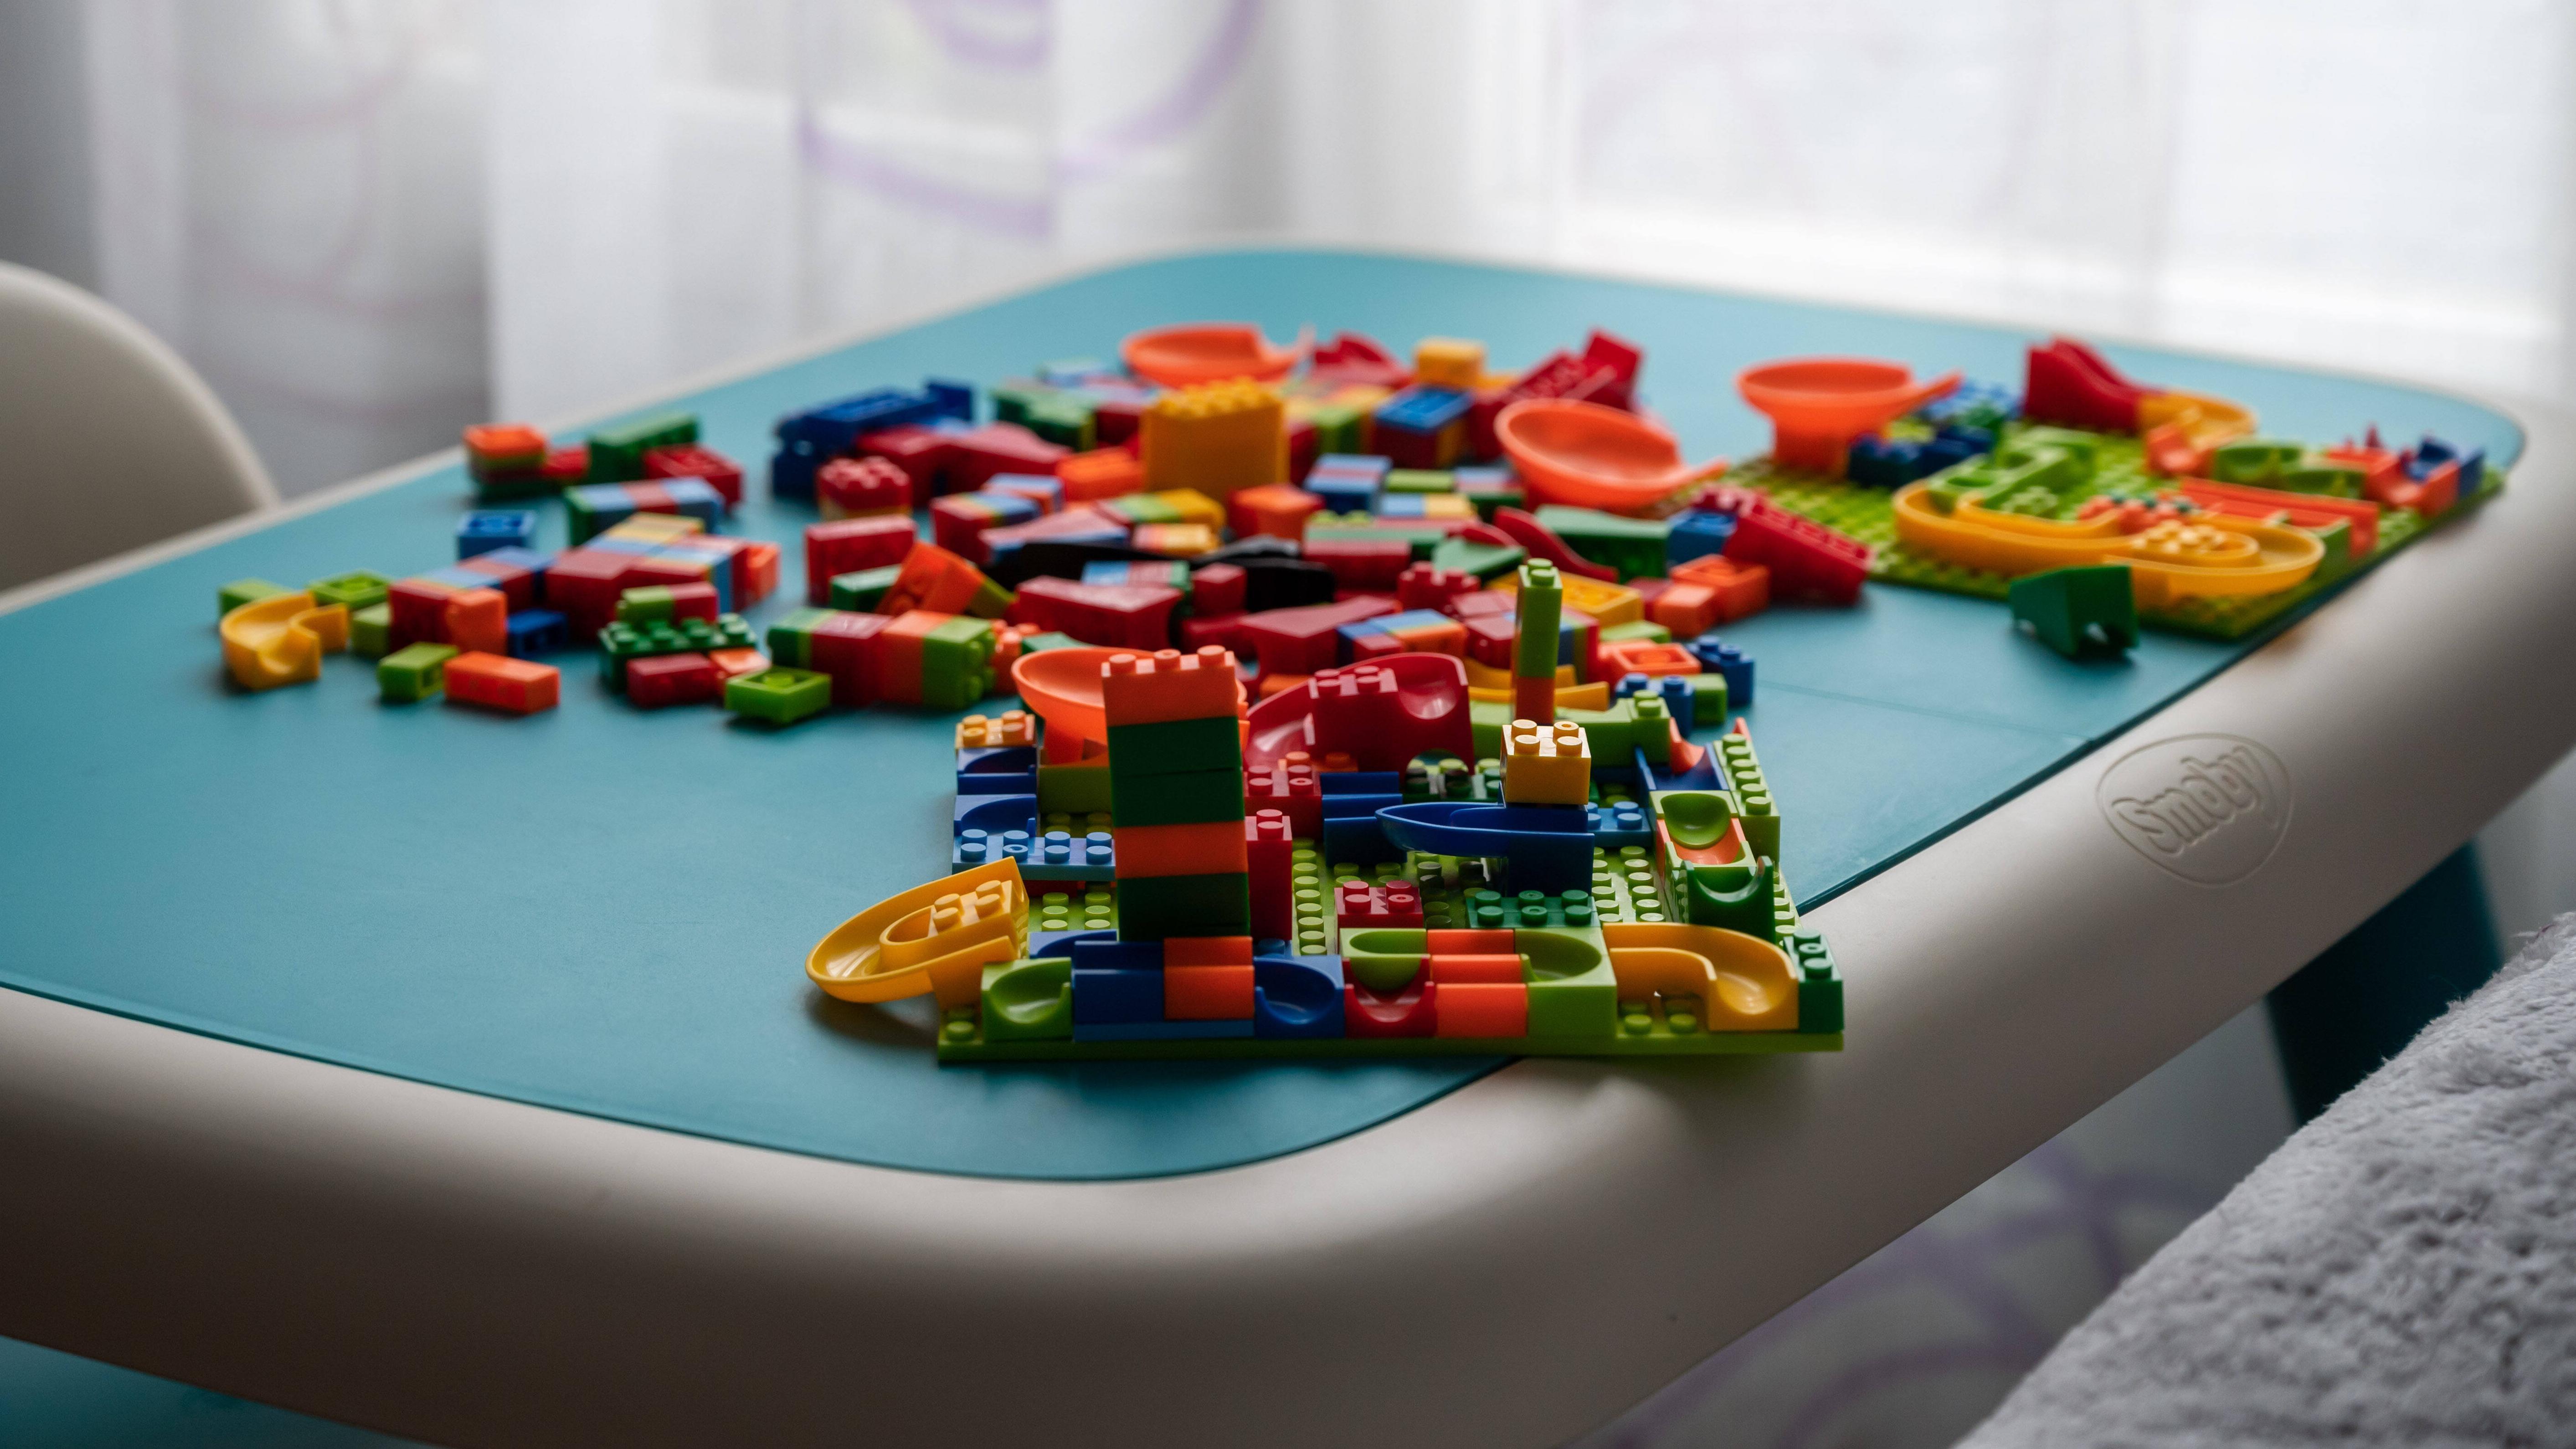 Wir vergleichen die Klemmbausteine von LEGO® und Modbrix.